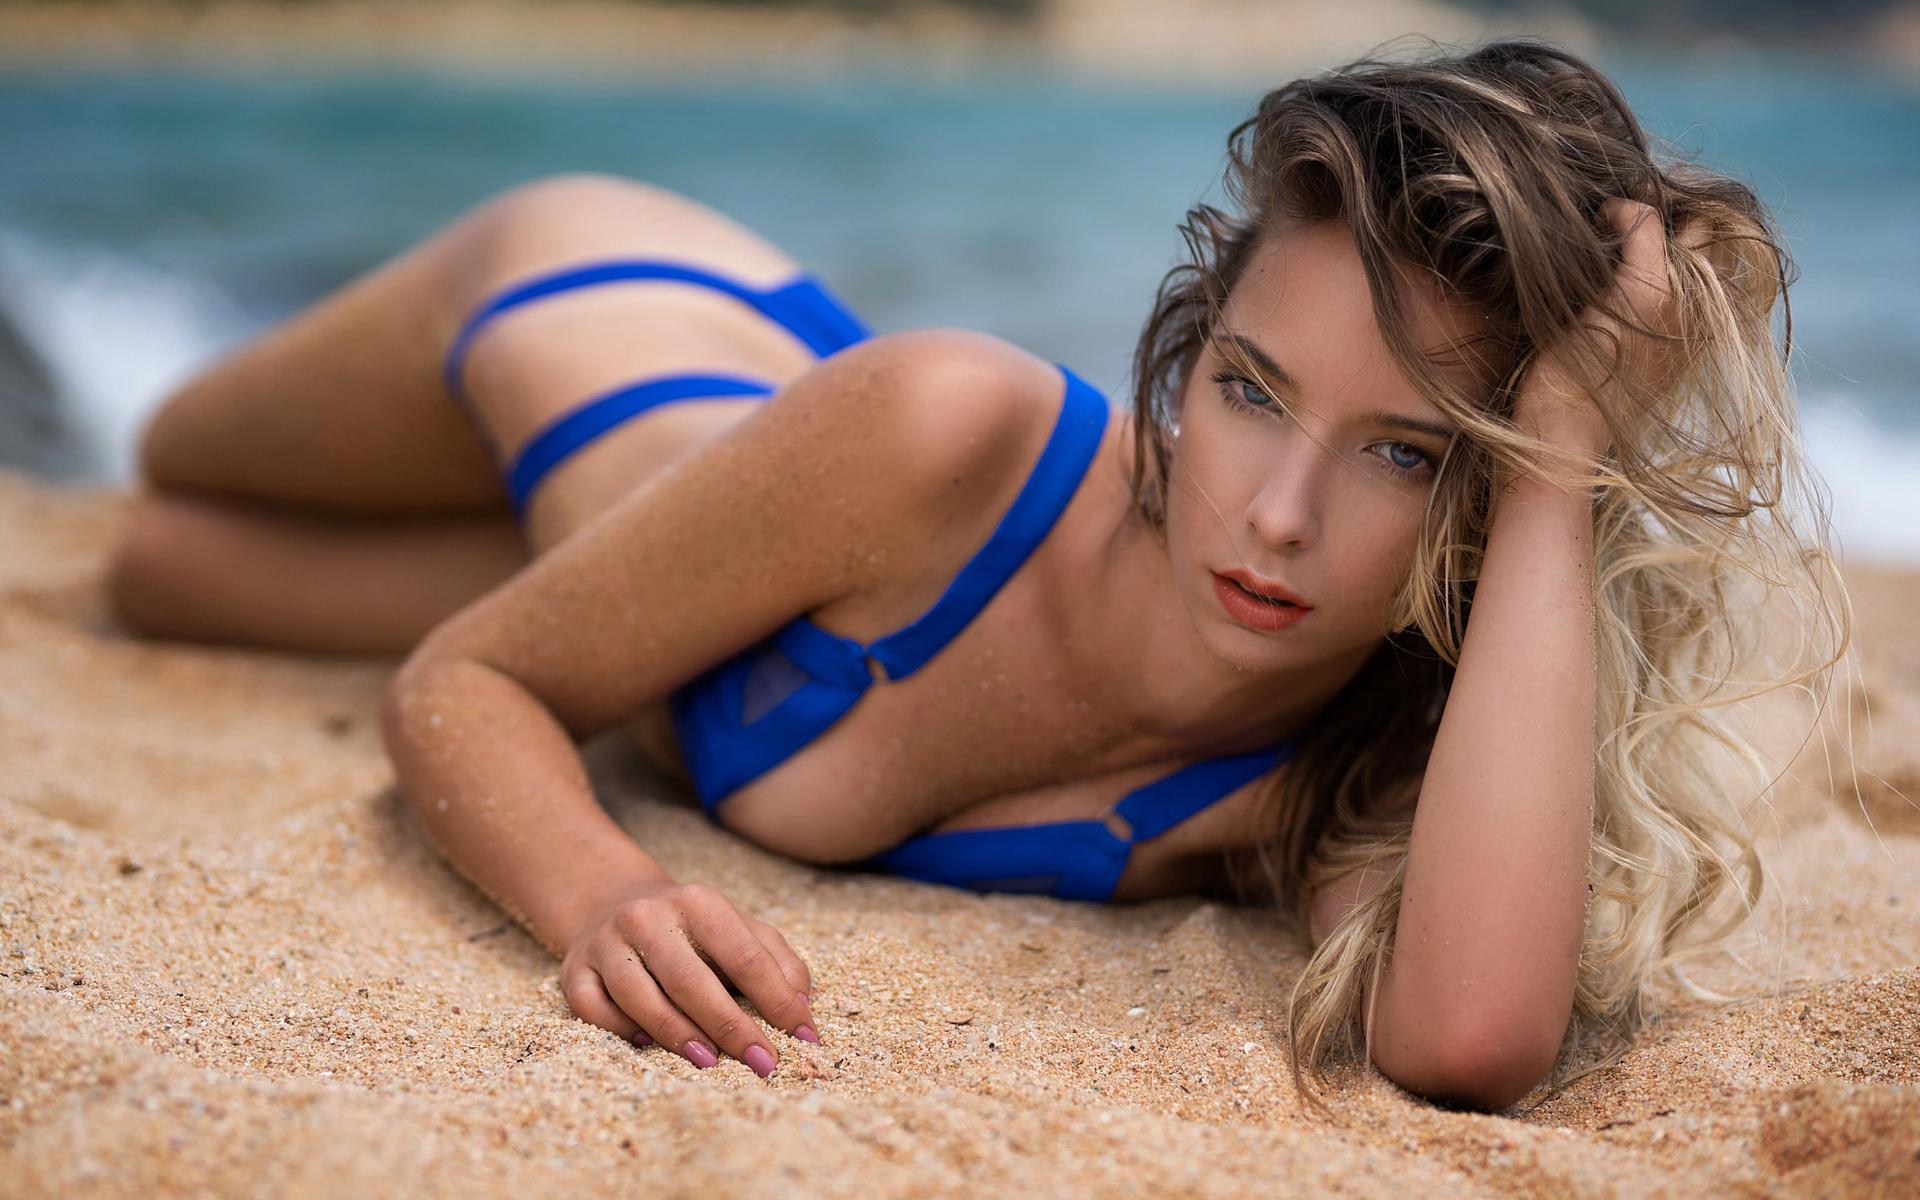 пляжные красавицы фотосессия без купальников мультфильмы